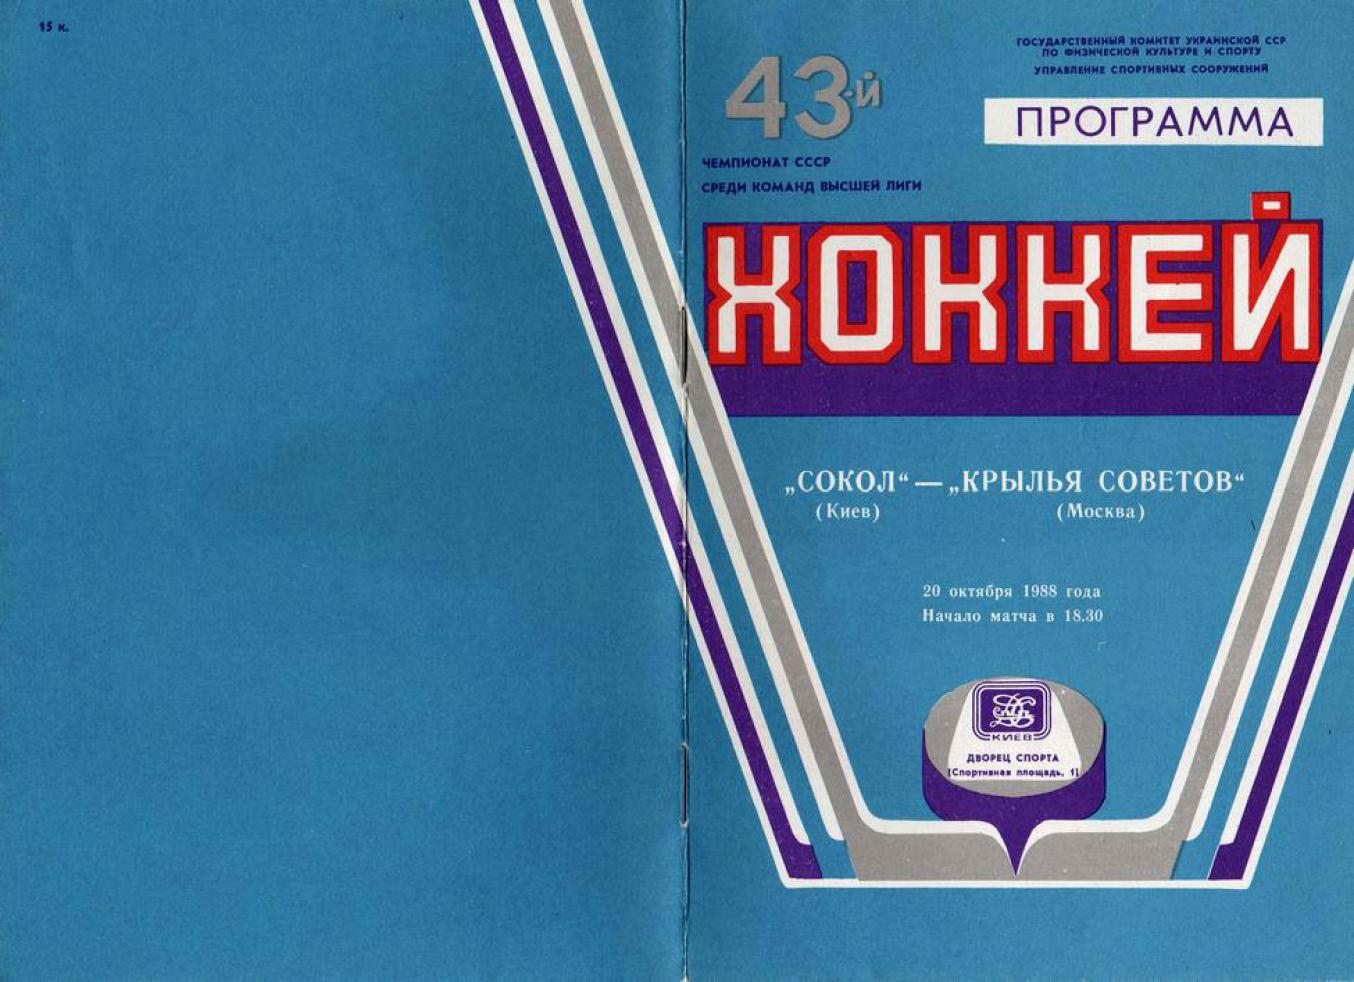 1988.10.20. Сокол, Киев - Крылья Советов (Чм. СССР)_01.png